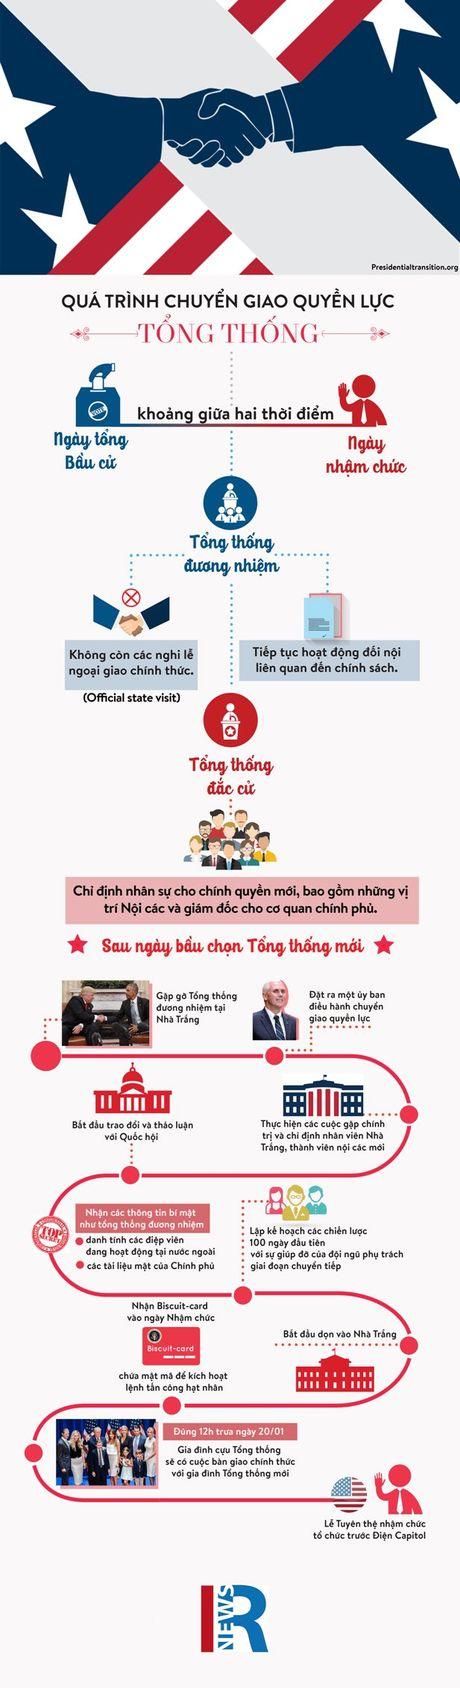 Qua trinh chuyen giao quyen luc Tong thong My - Anh 1